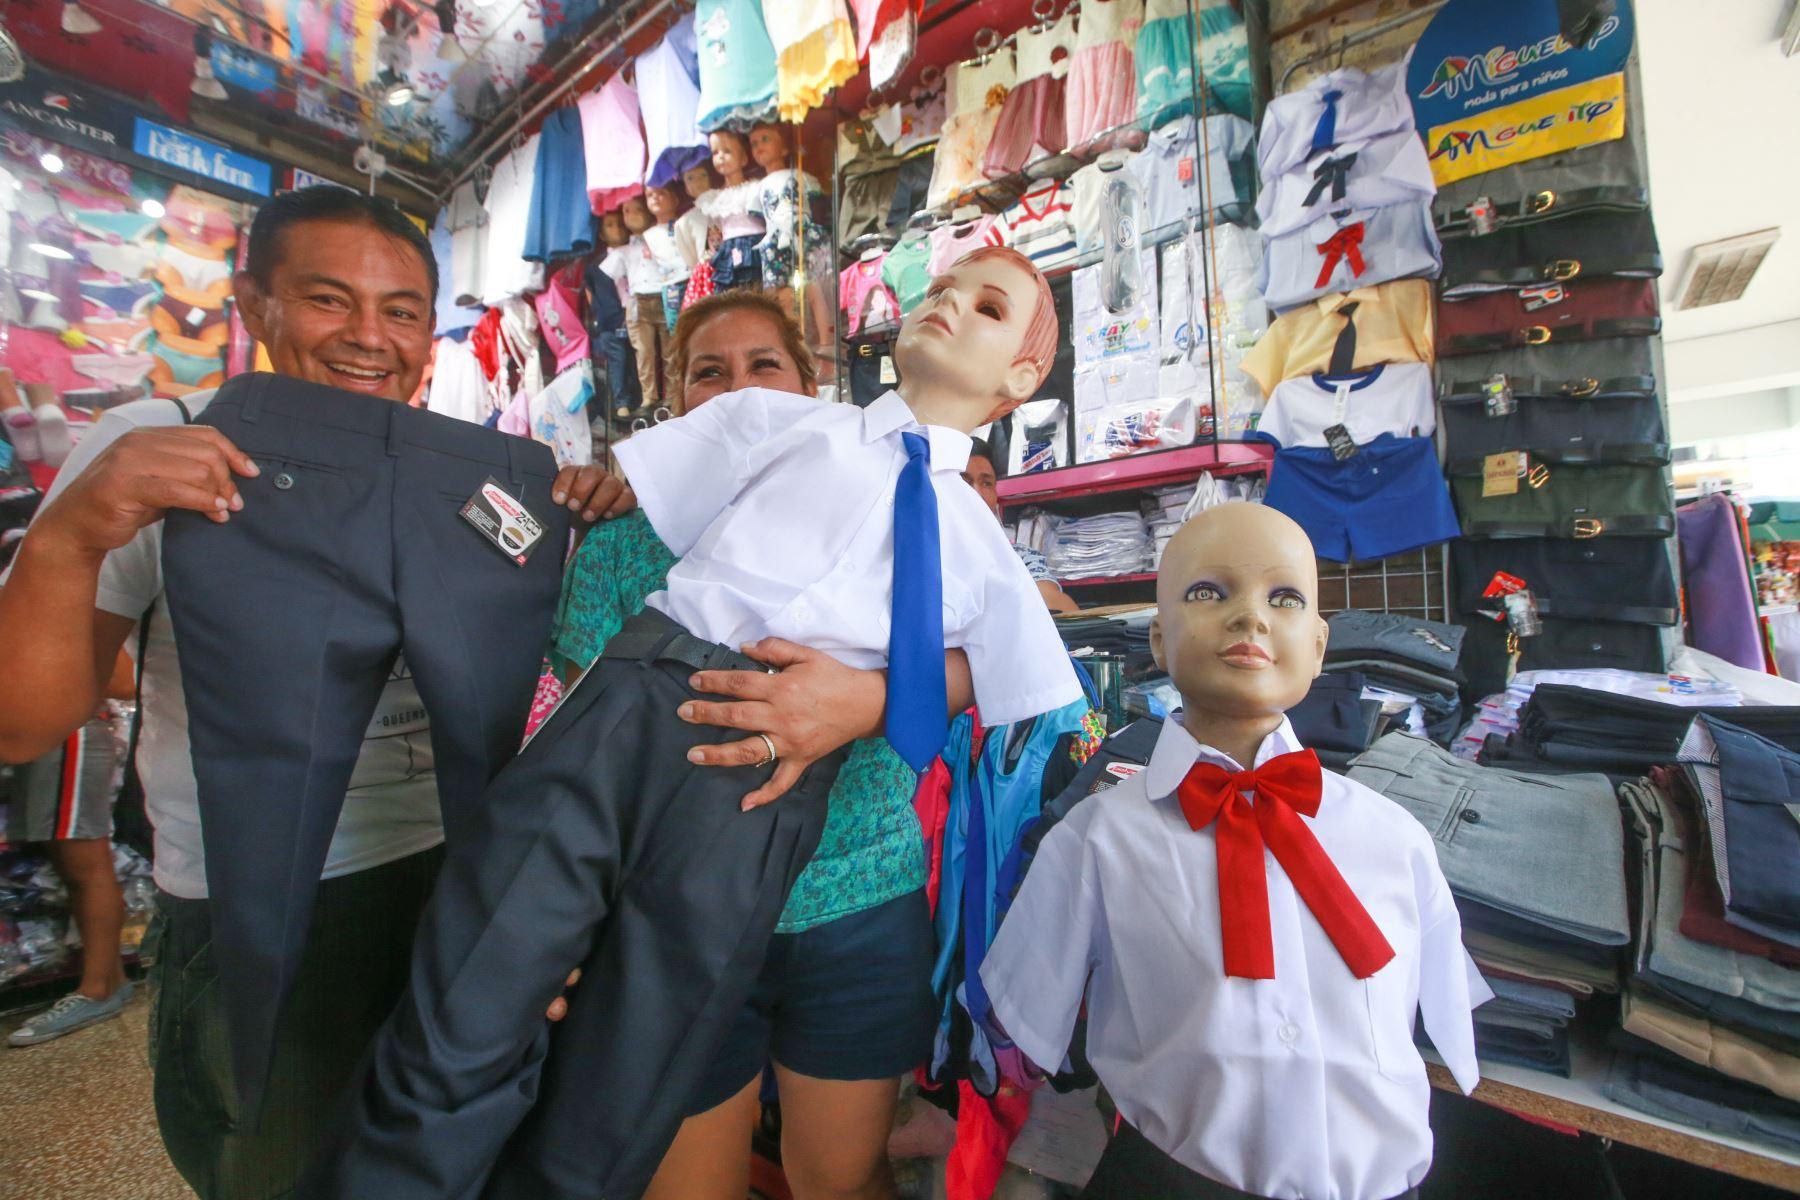 La adquisición de un uniforme escolar de verano e invierno puede bordear los 200 soles. Foto: ANDINA/ Jhony Laurente